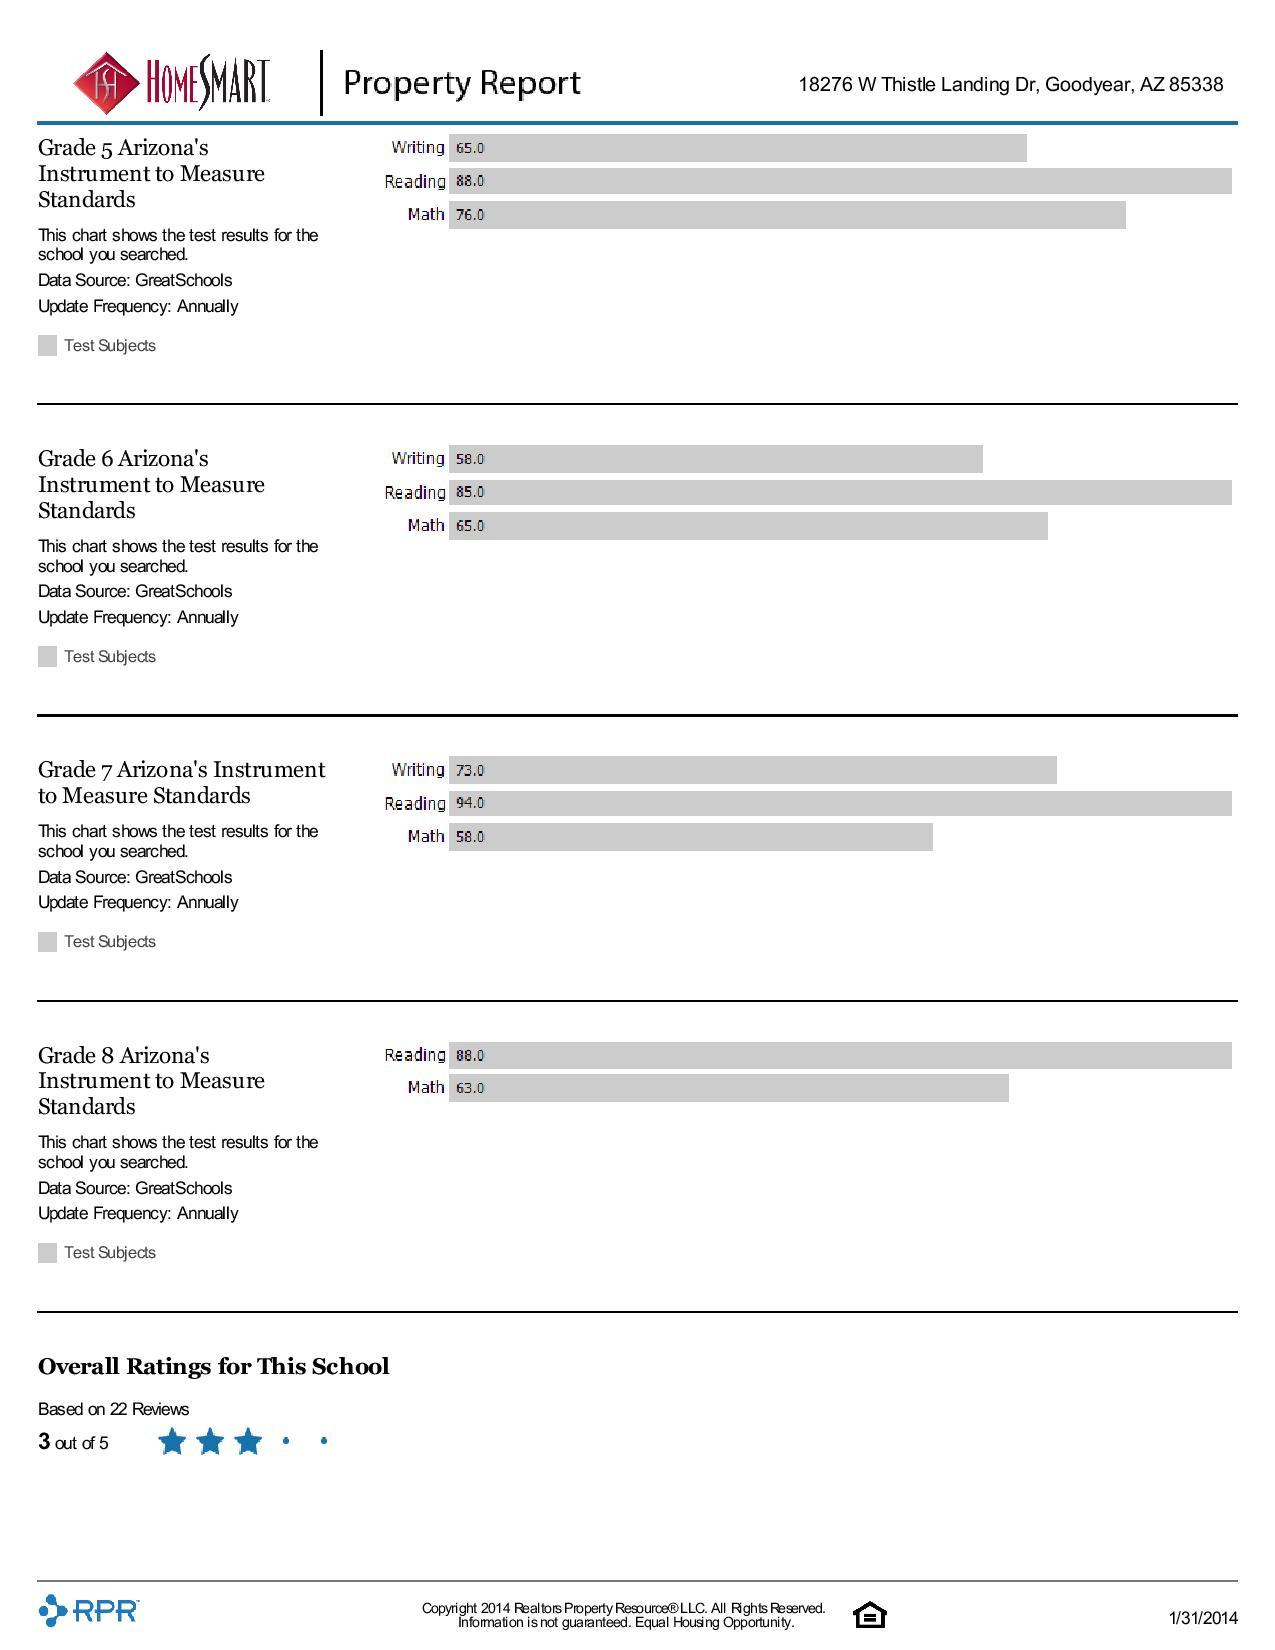 18276-W-Thistle-Landing-Dr-Goodyear-AZ-85338.pdf-page-011